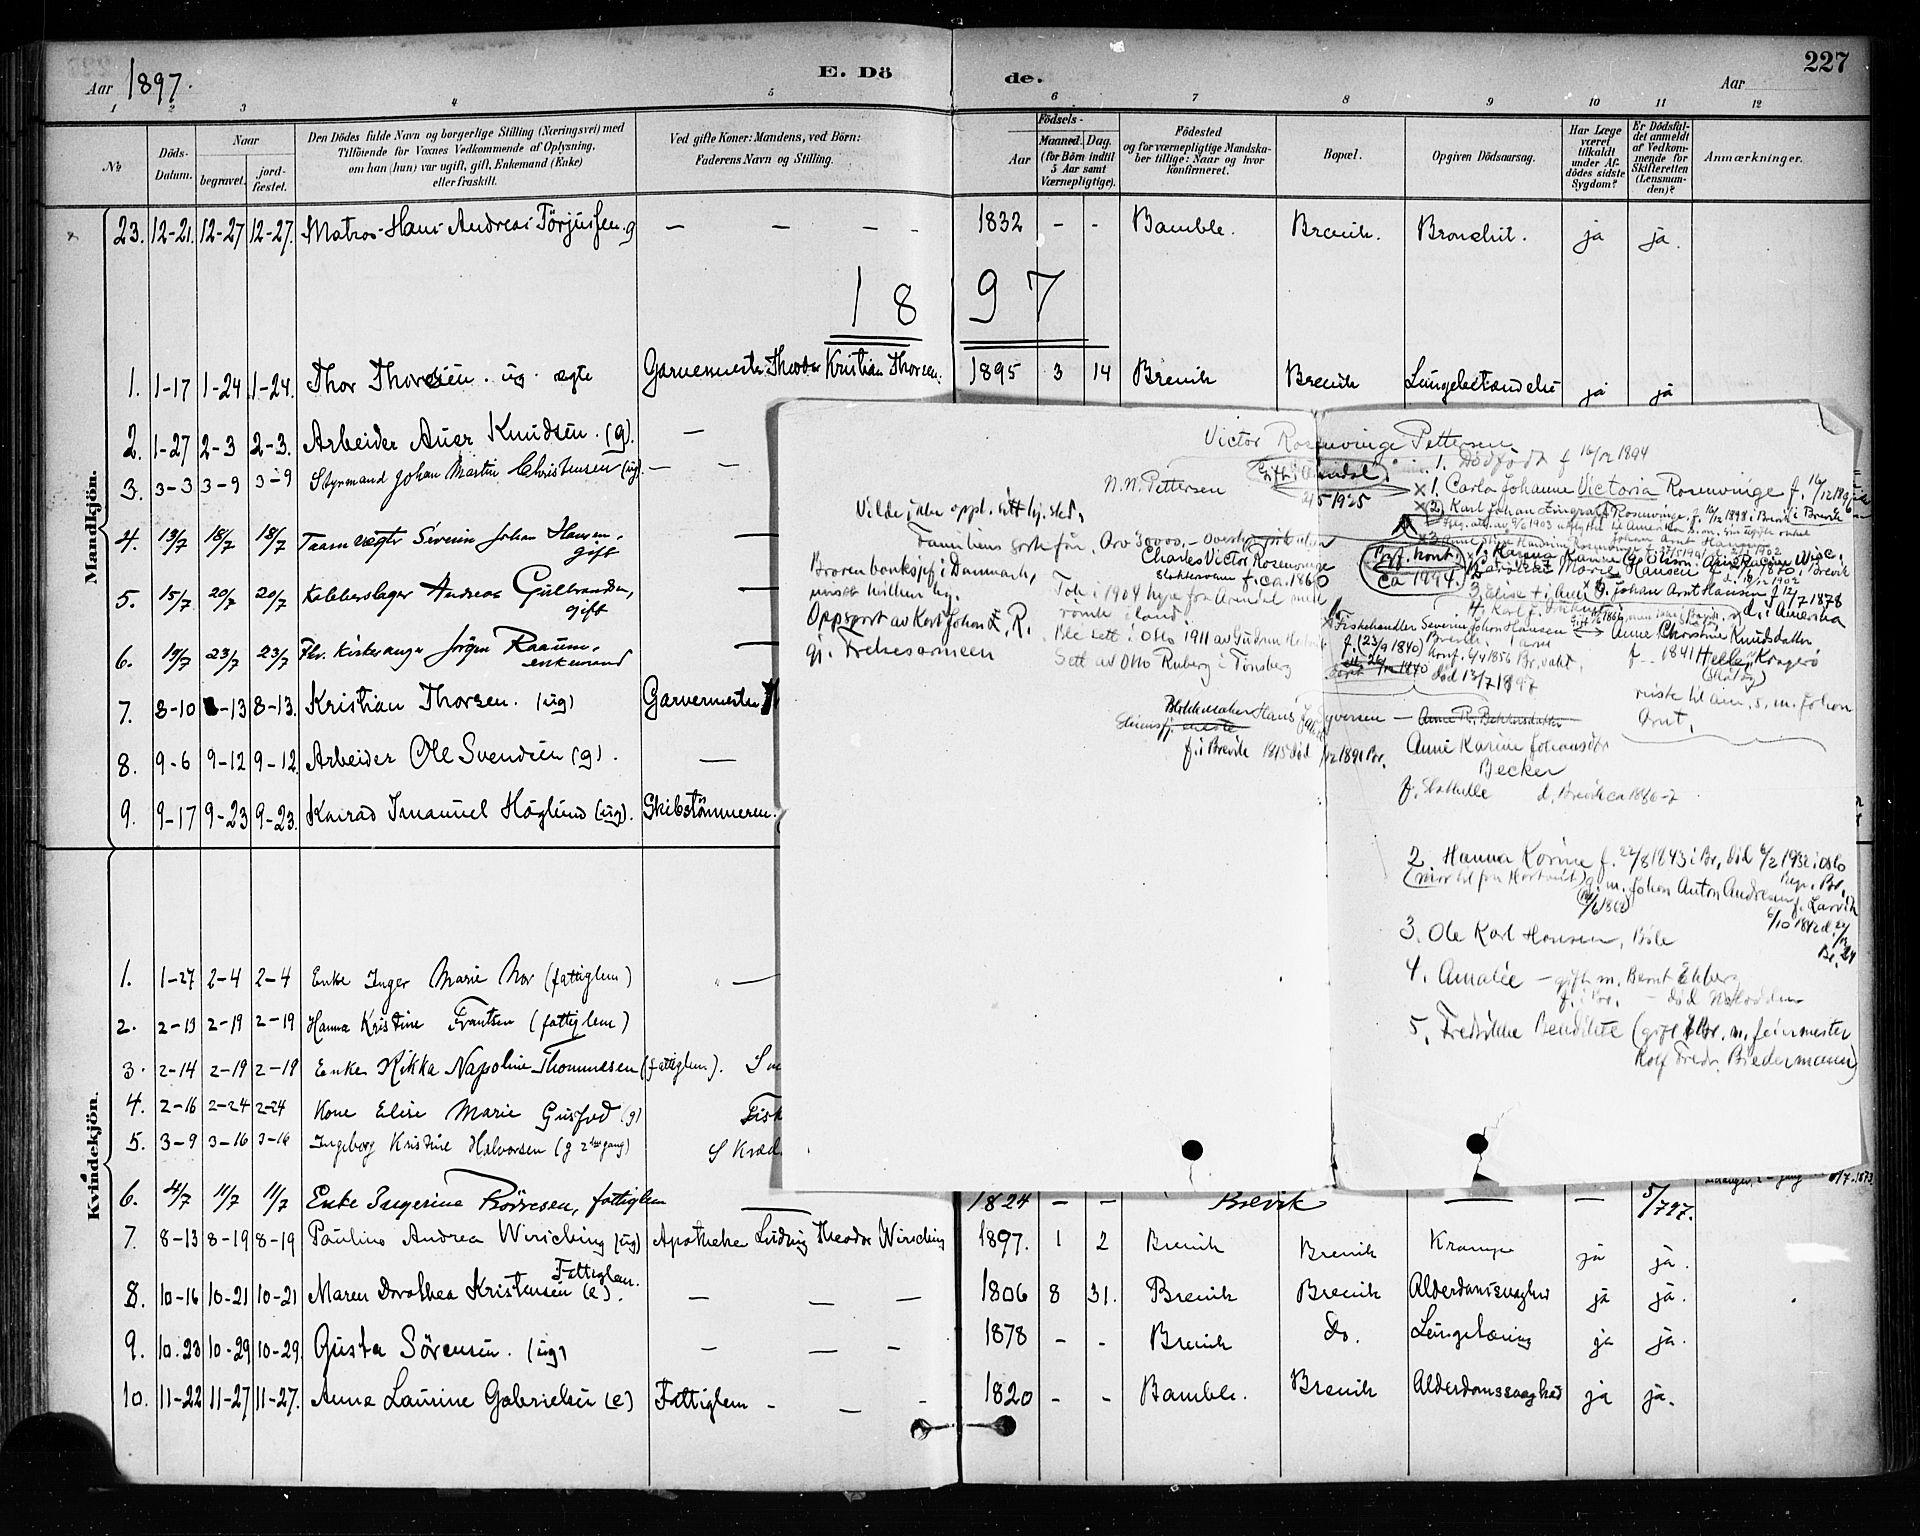 SAKO, Brevik kirkebøker, F/Fa/L0007: Ministerialbok nr. 7, 1882-1900, s. 227